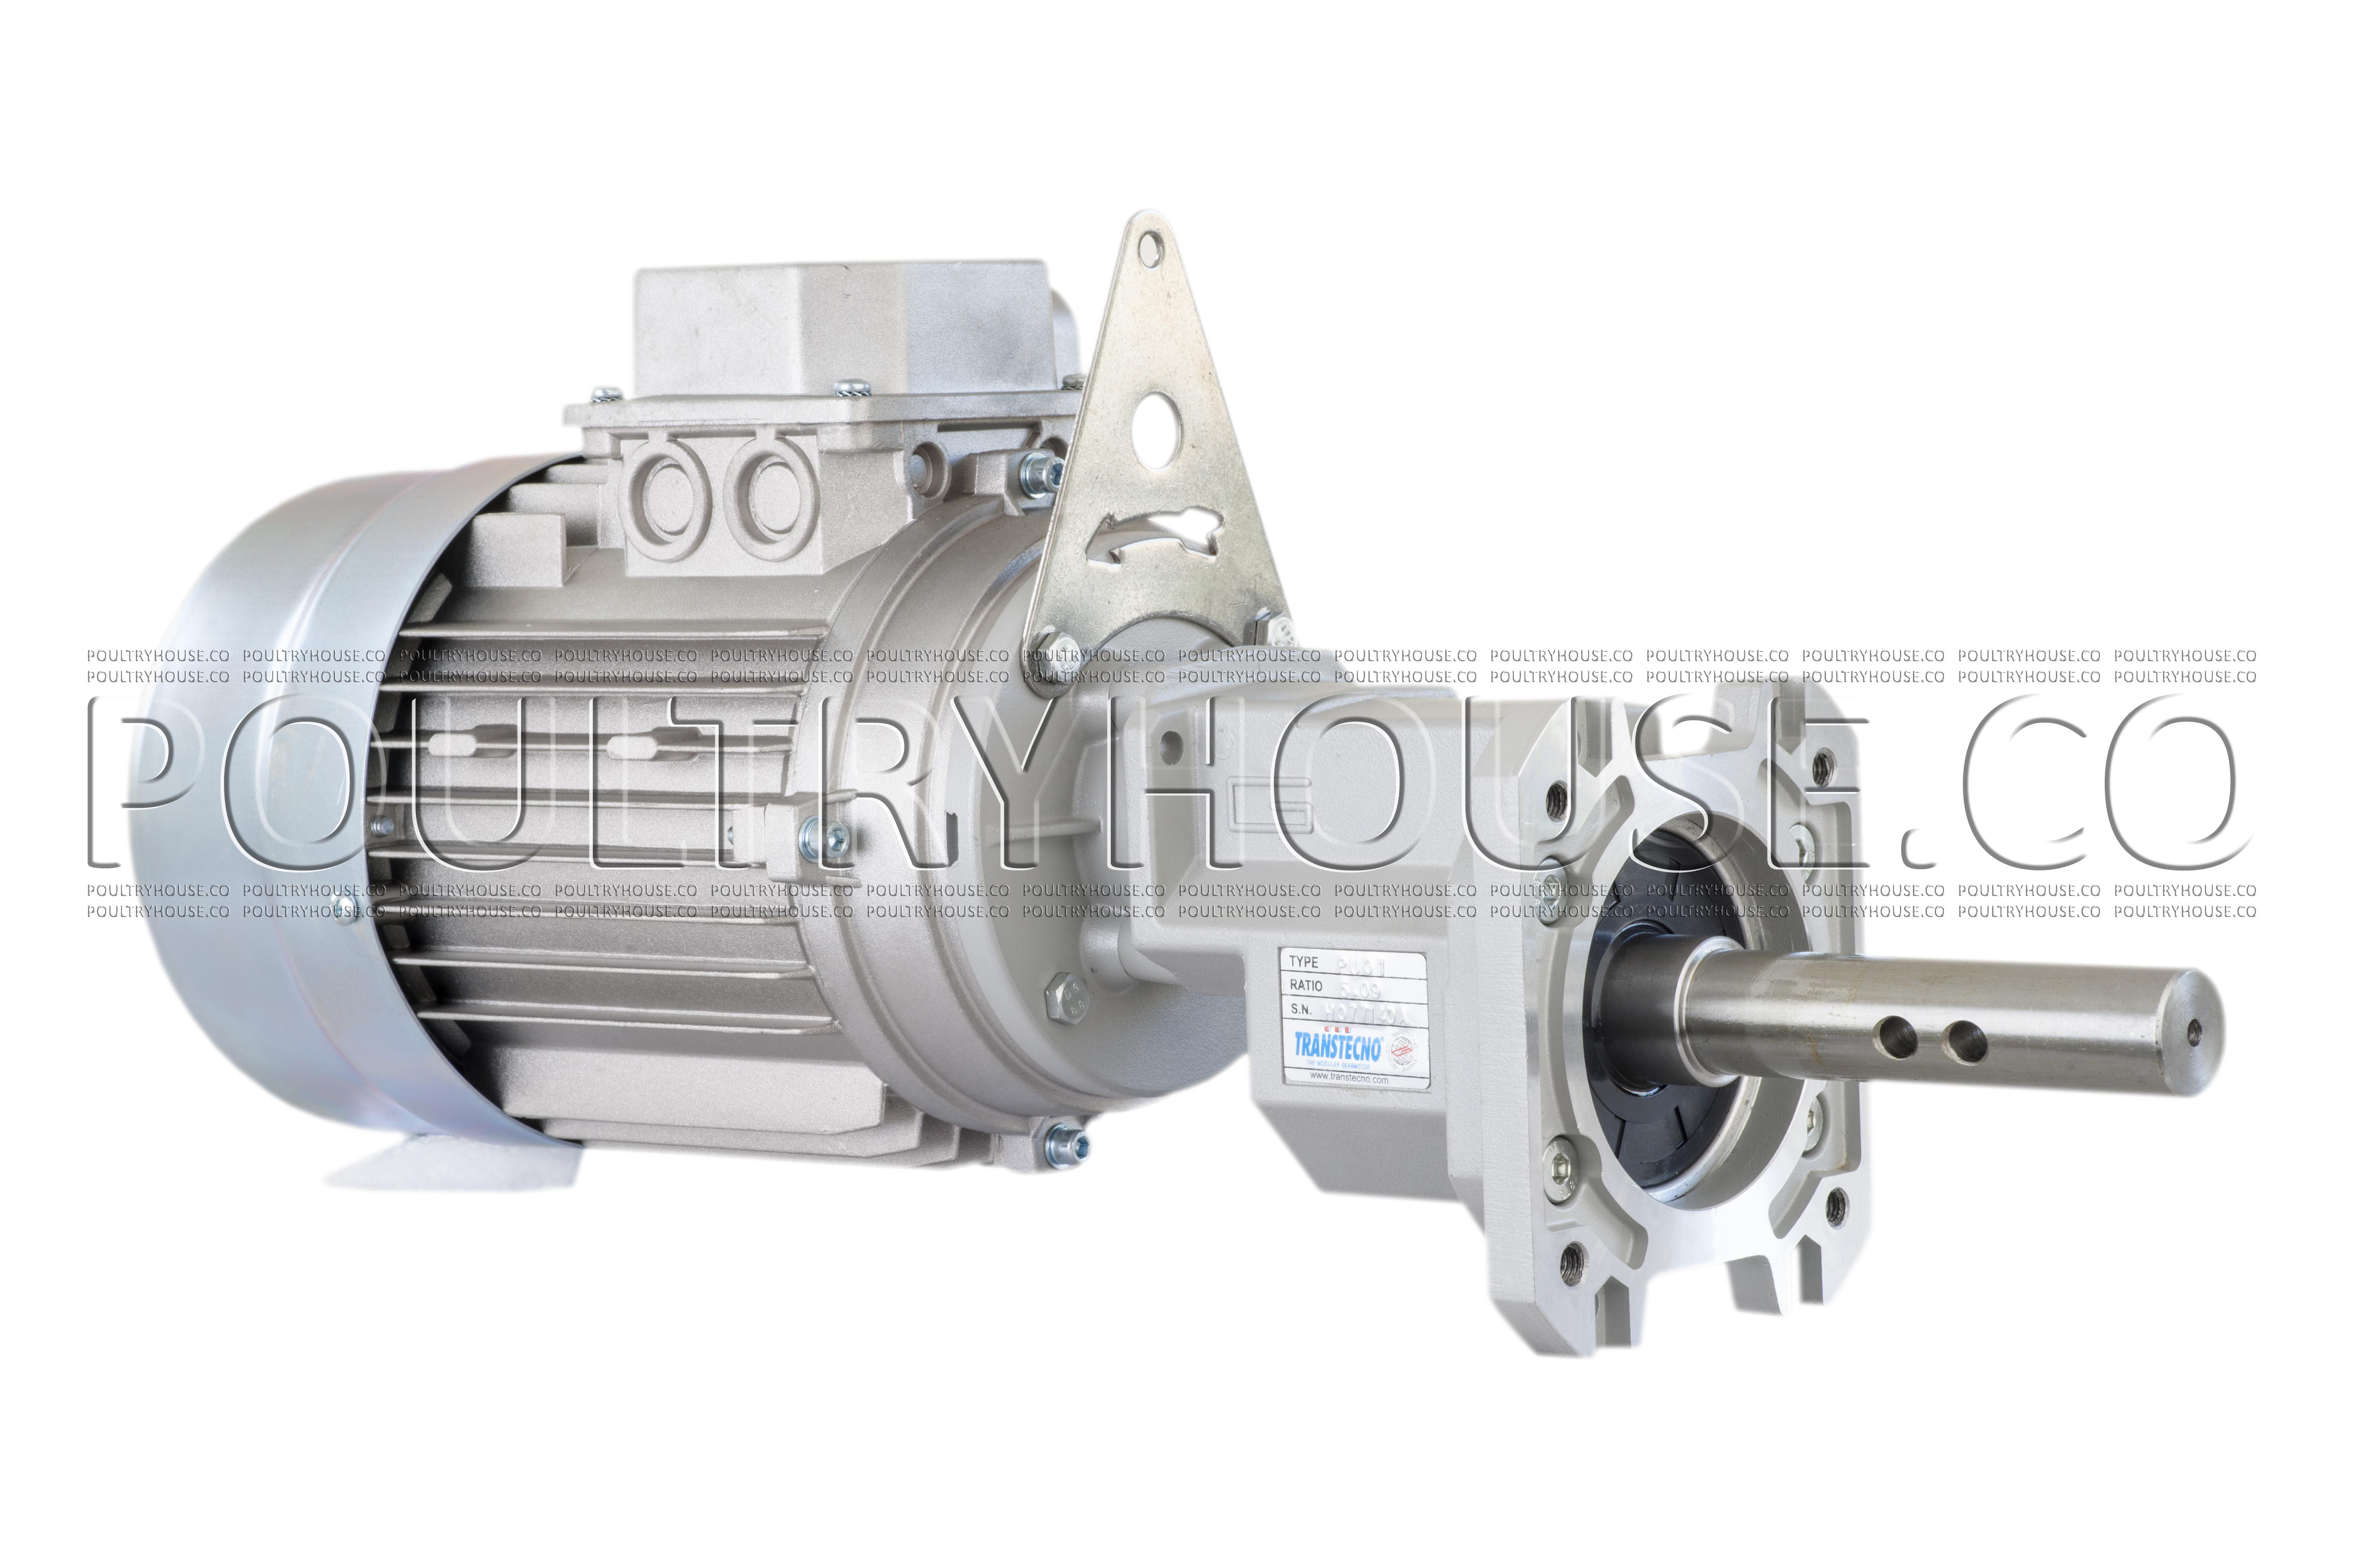 موتور گیربکس دانخوری ترنس تکنو ایتالیا